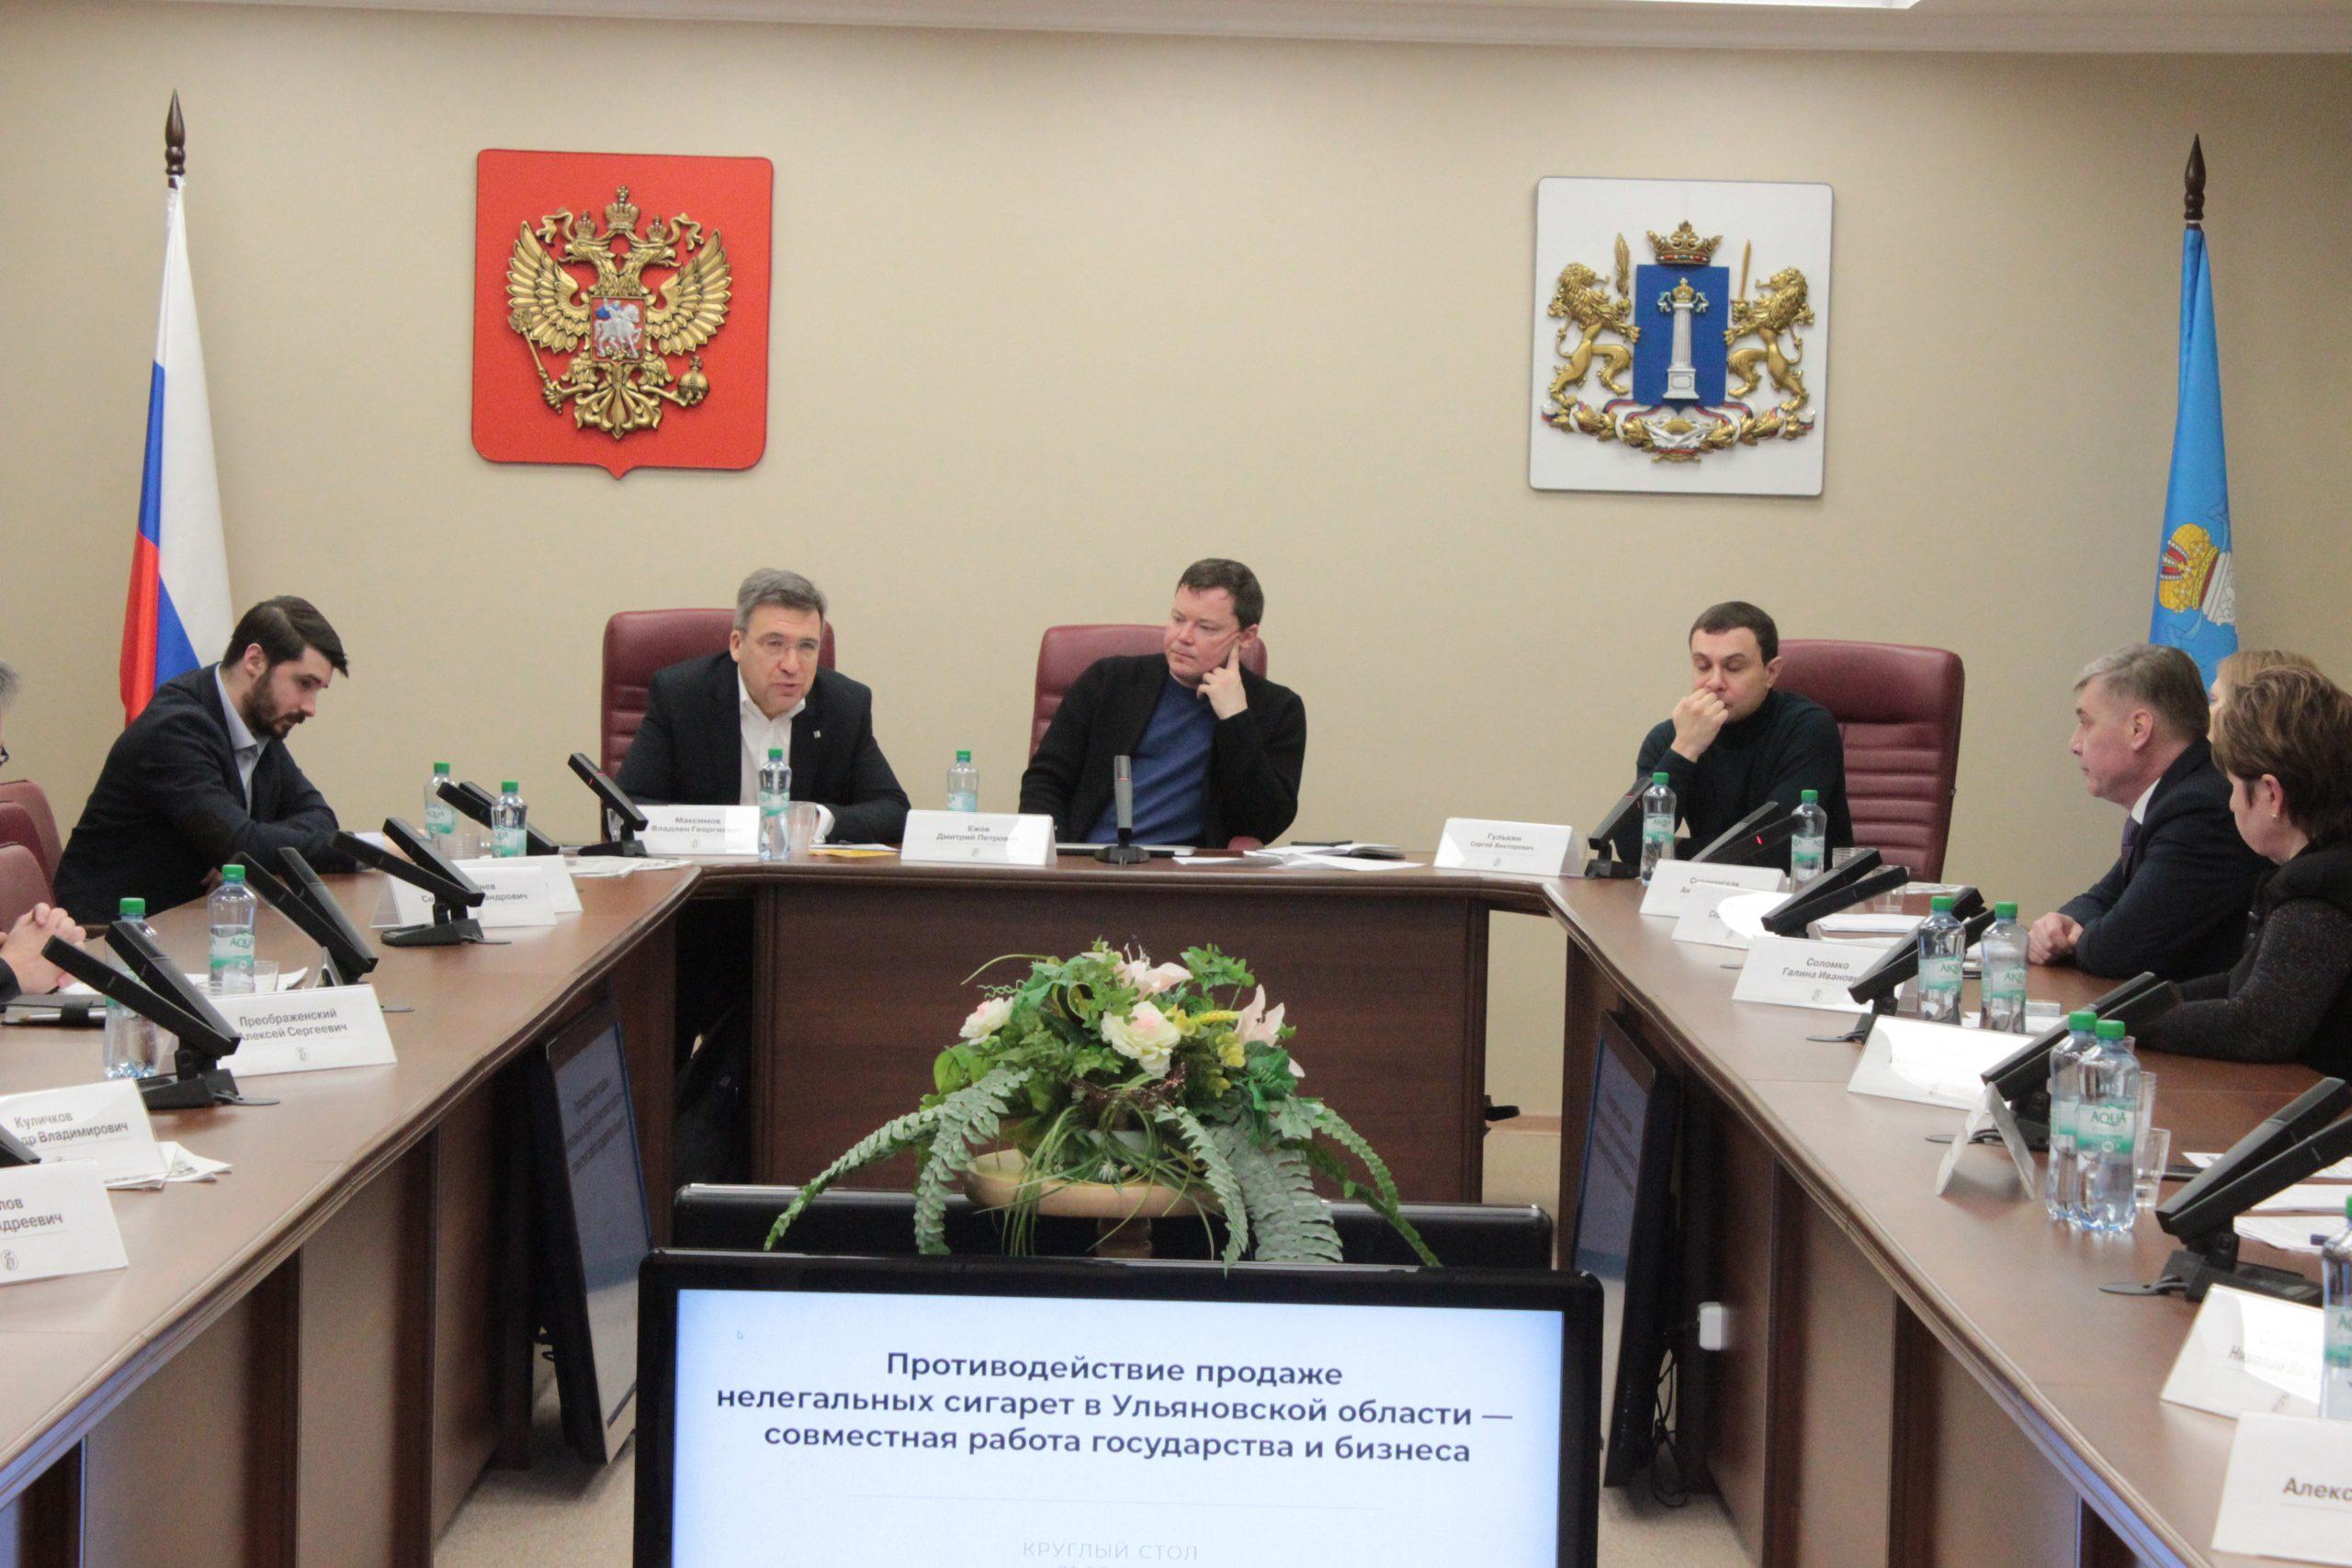 Белорусские сигареты купить в ульяновске электронные одноразовые сигареты купить в ижевске